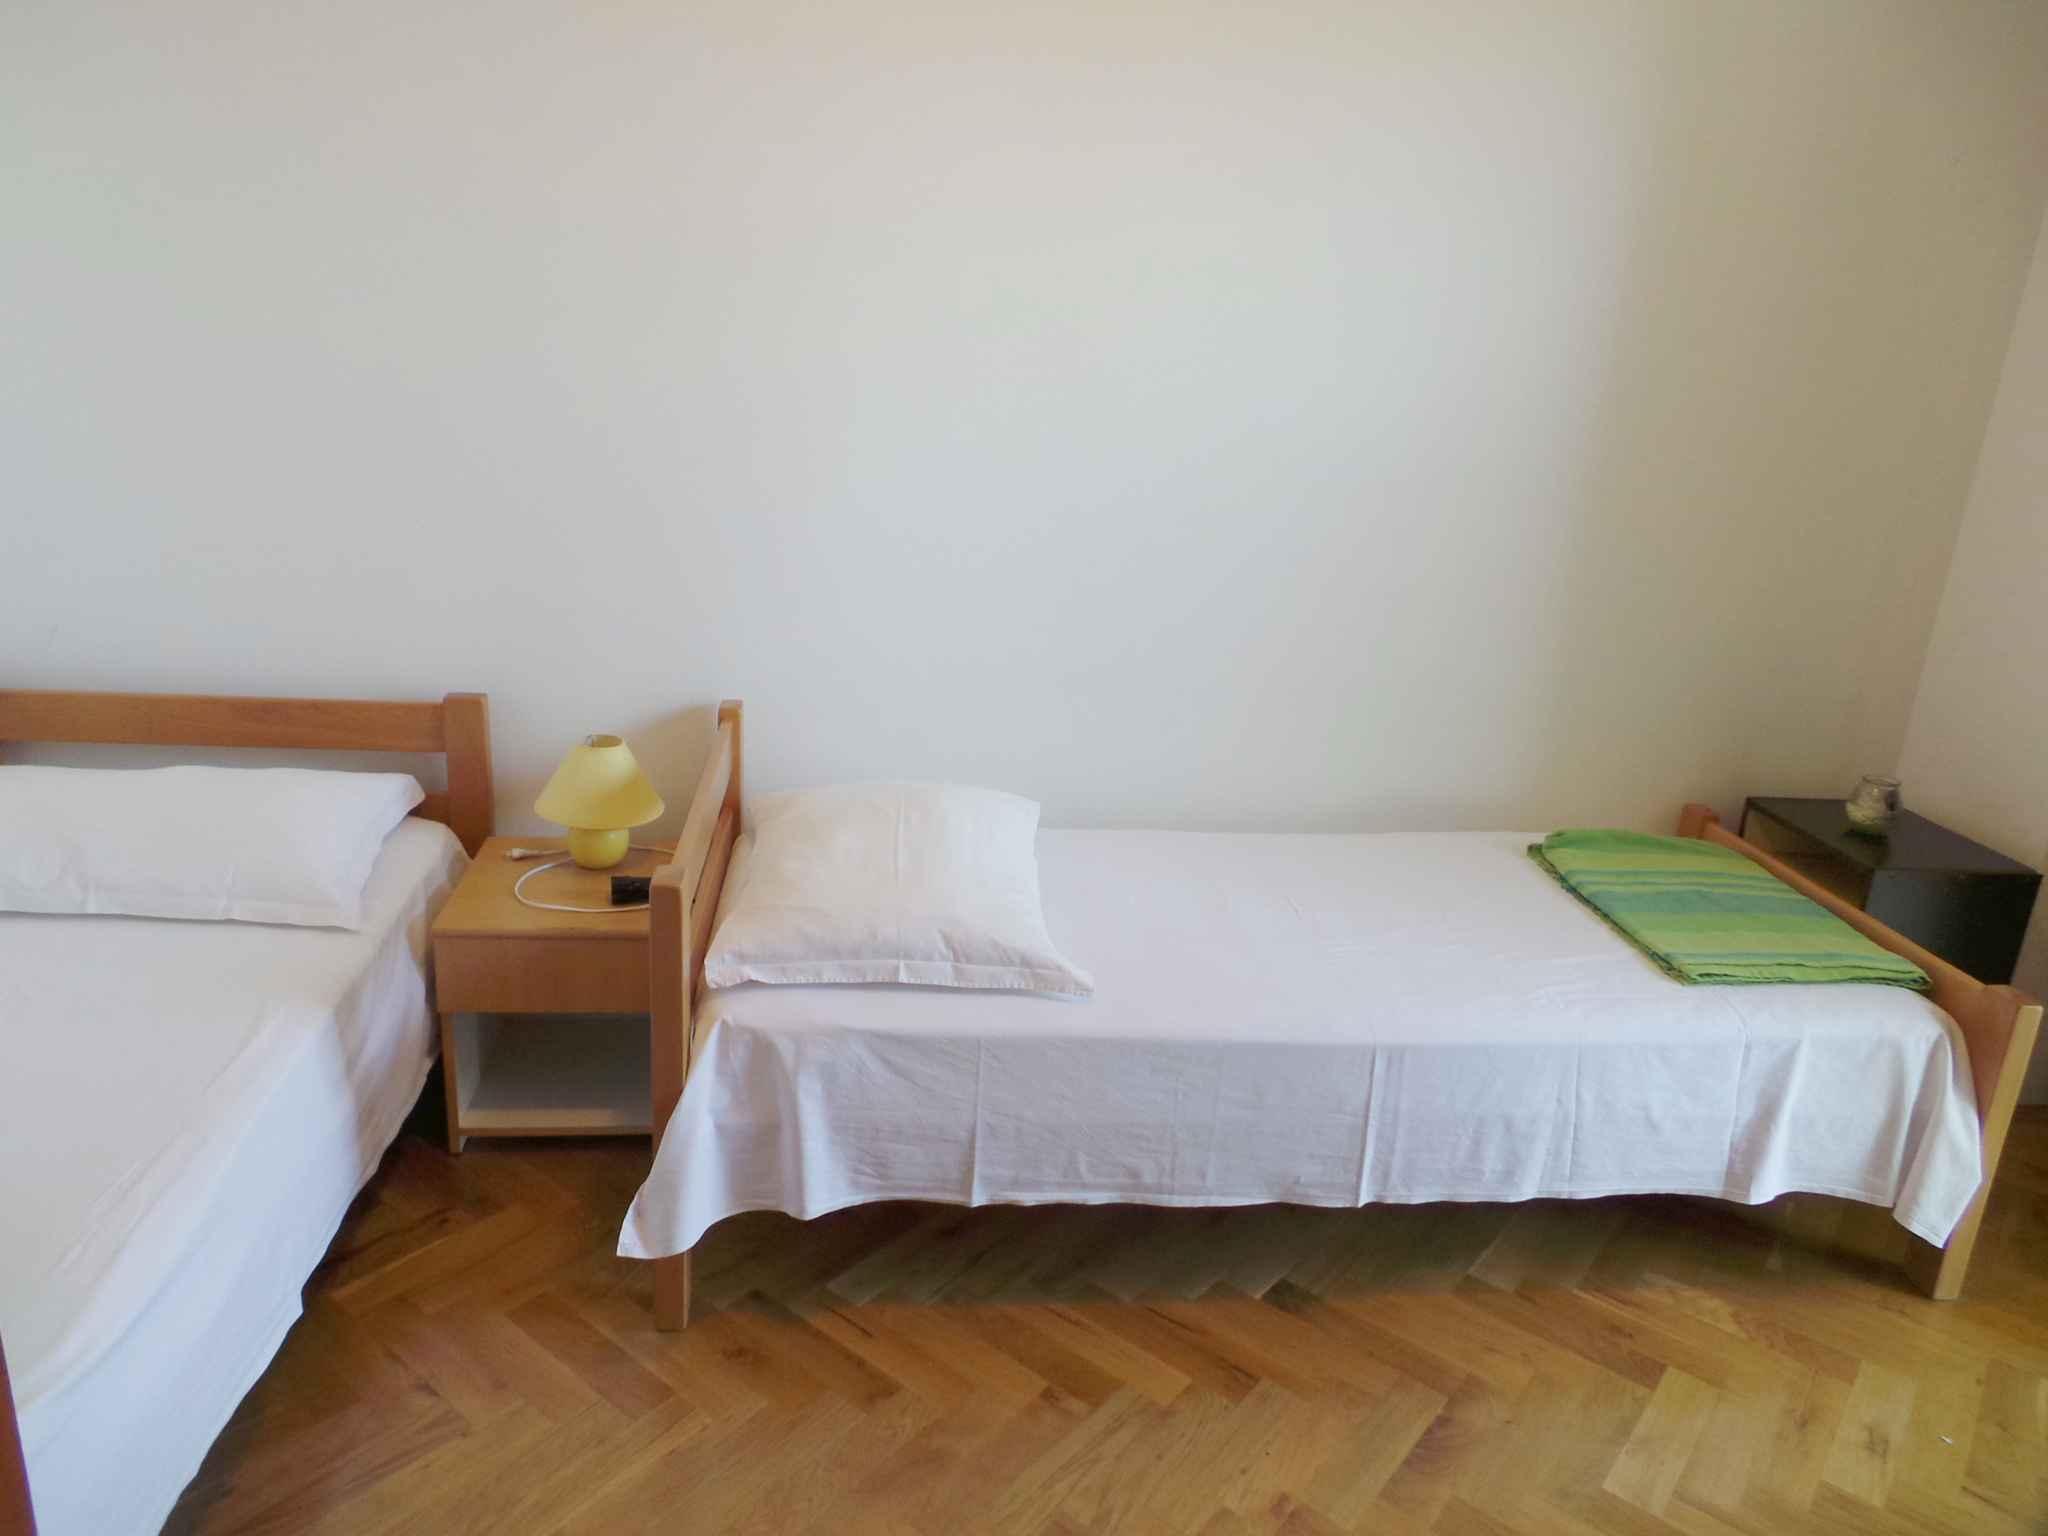 Ferienwohnung mit Meerblick und Grillmöglichkeit (968403), Kraljevica, , Kvarner, Kroatien, Bild 16